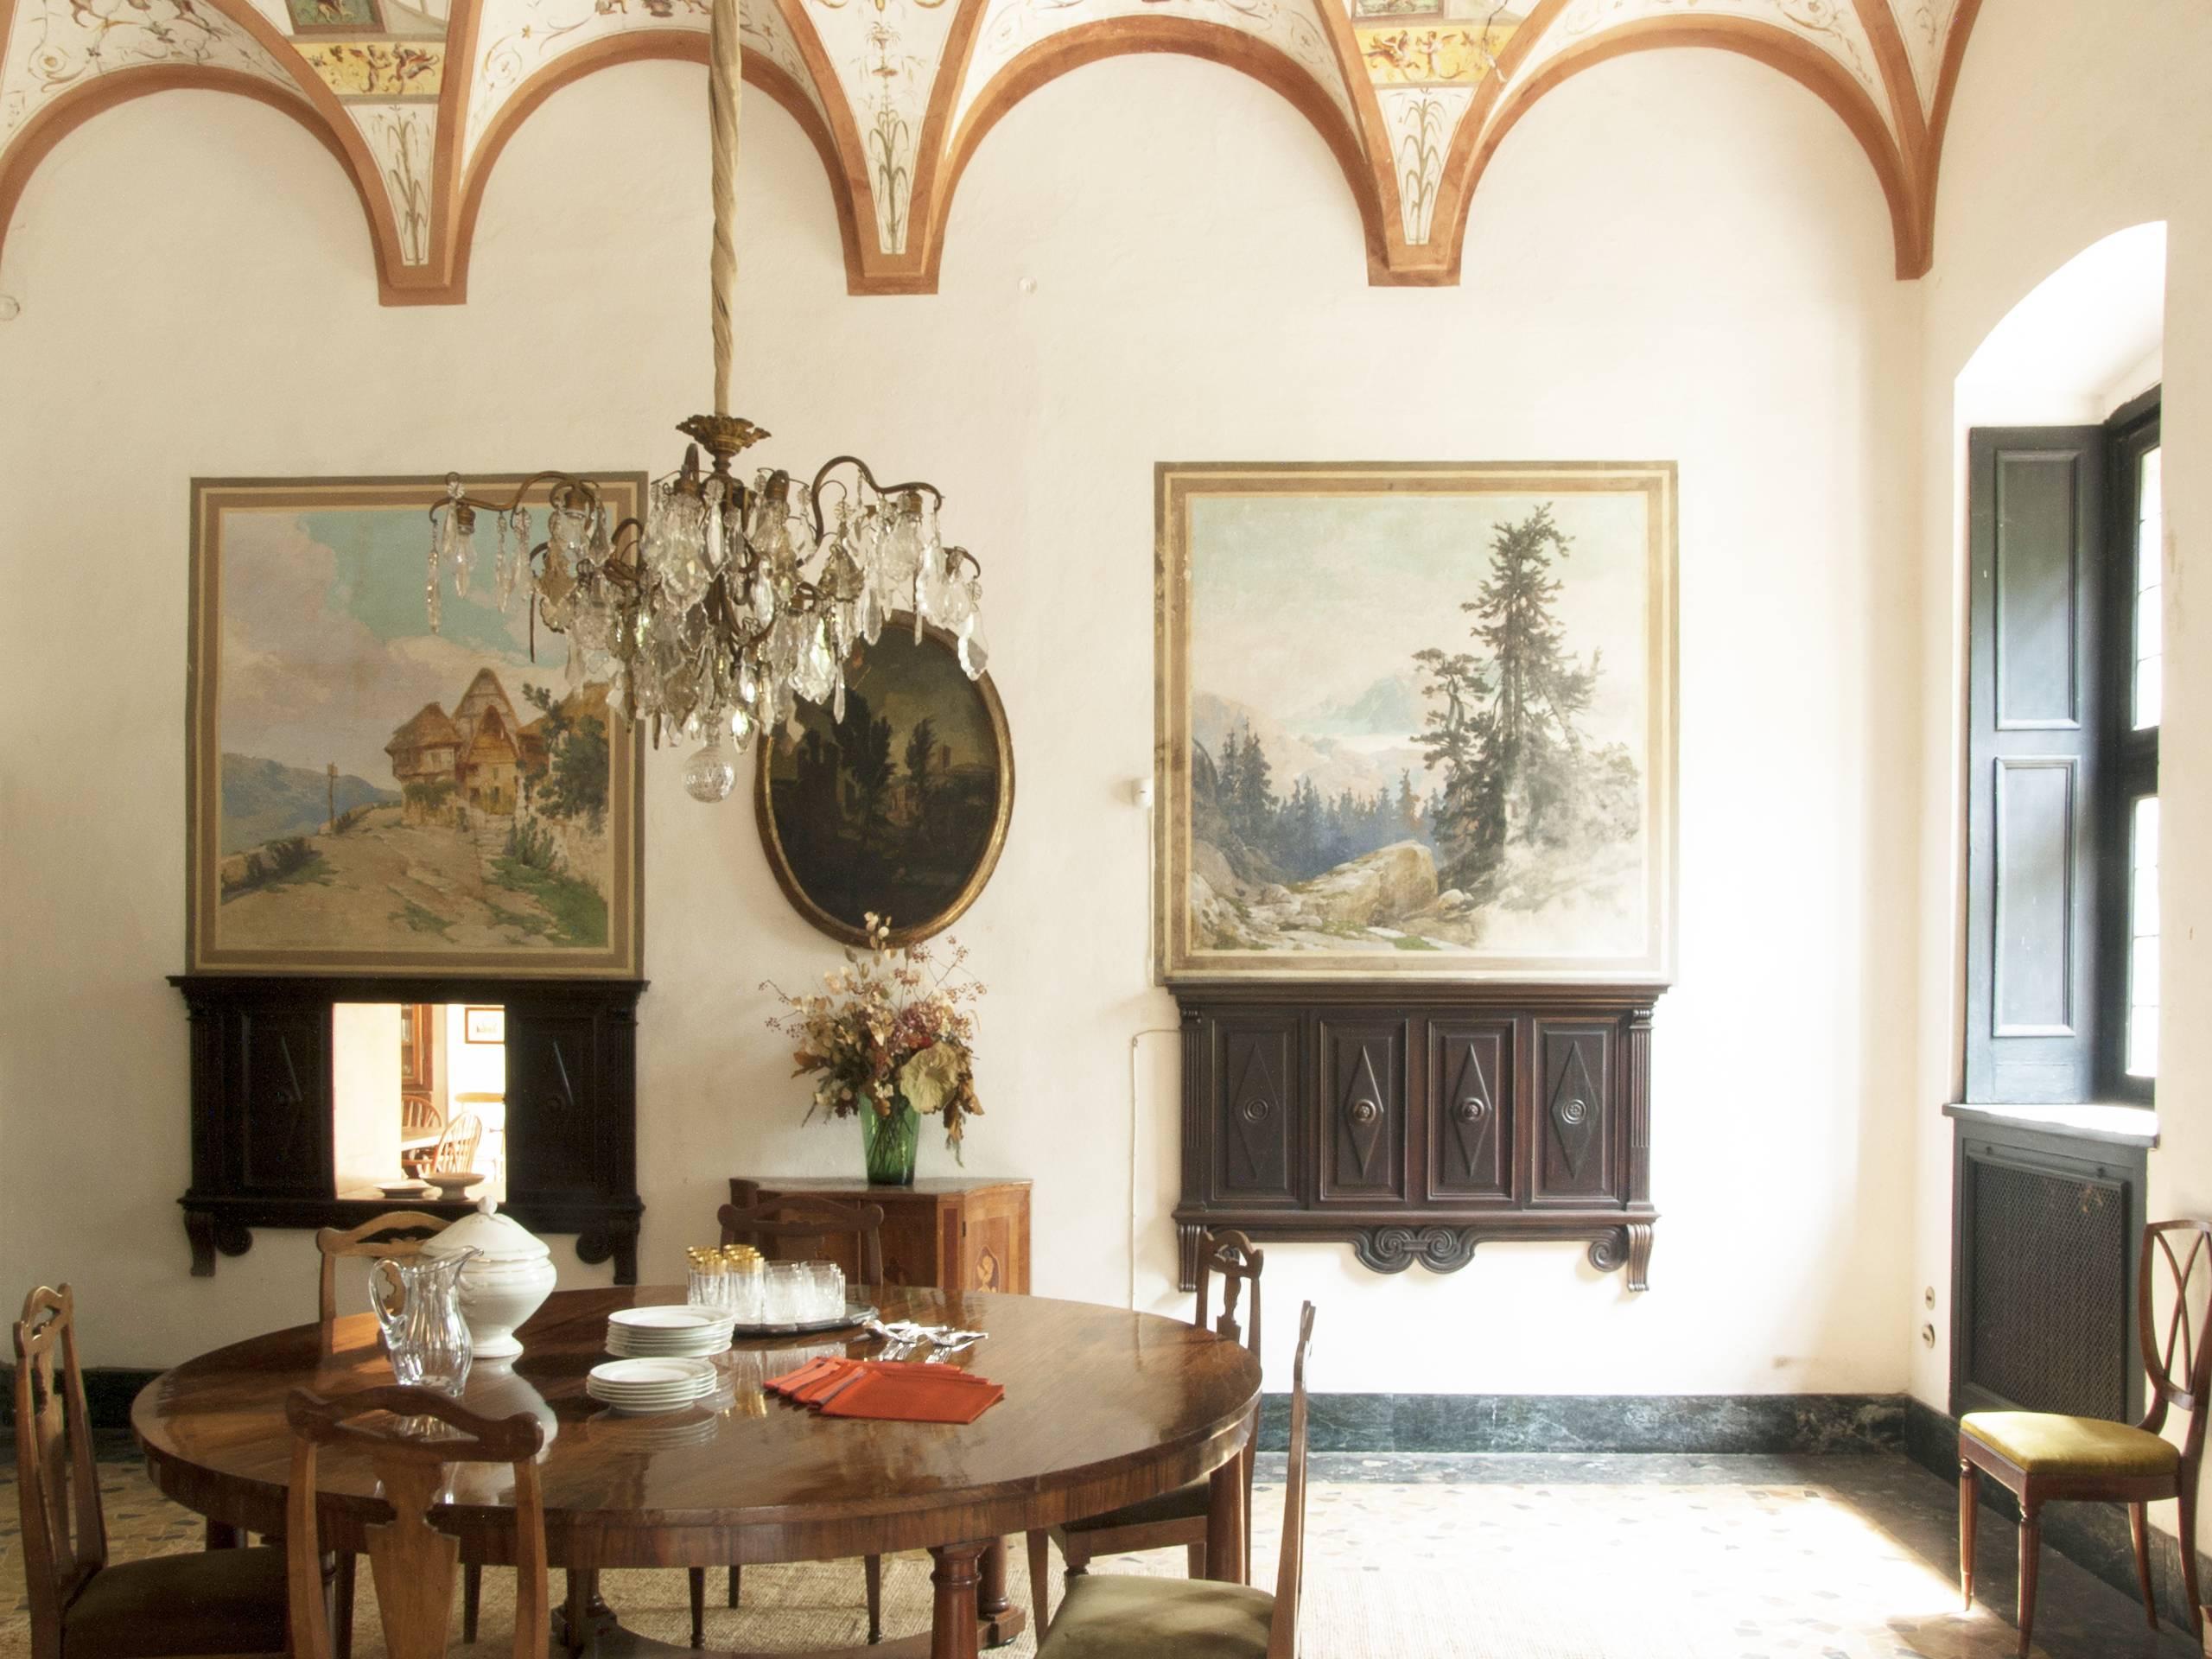 Even binnenkijken: Dit is de prachtige villa van 'Call me by your name'